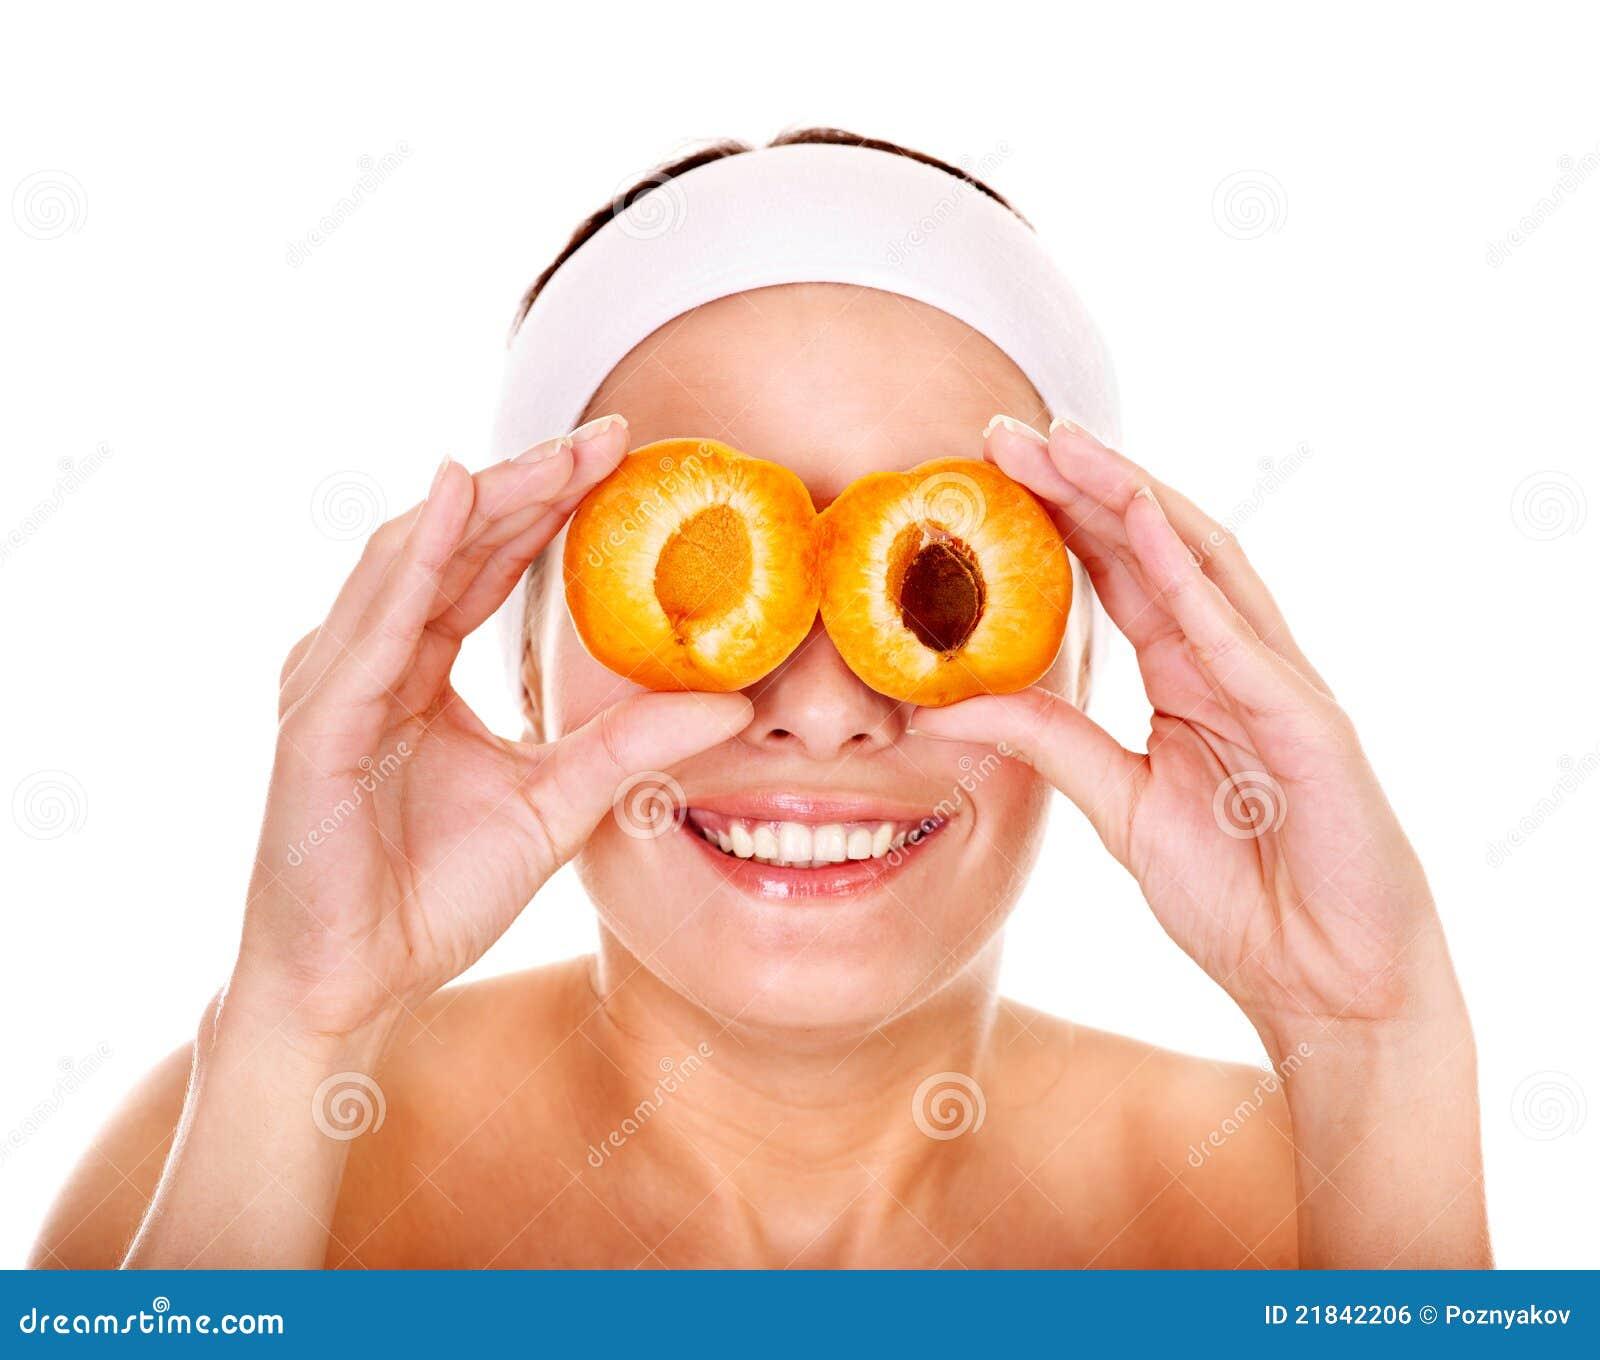 Dream fuck homemade fruit facial will nach